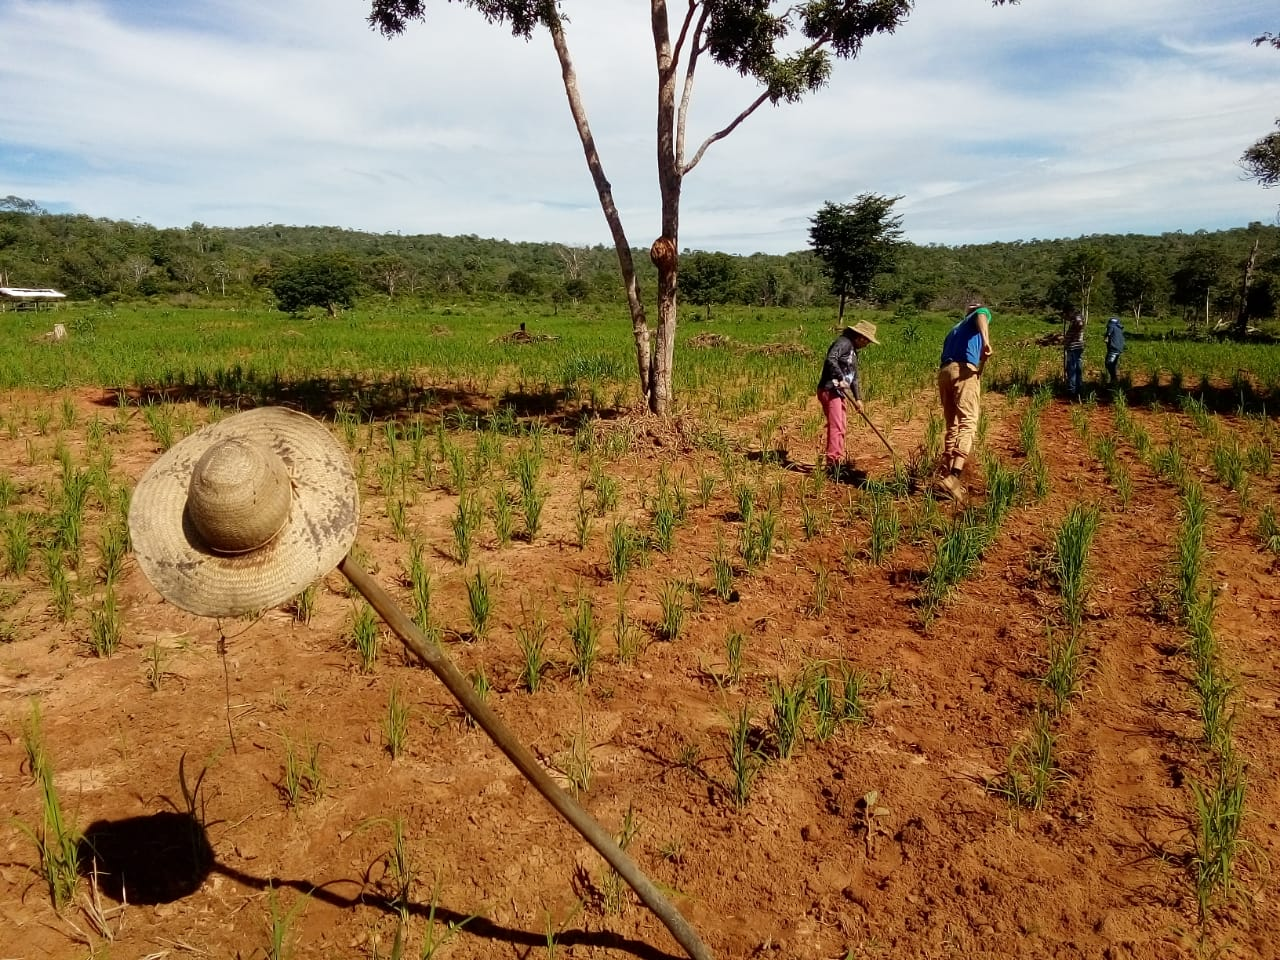 Por dentro do Cerrado: experiência produtiva do 2º maior bioma da América do Sul